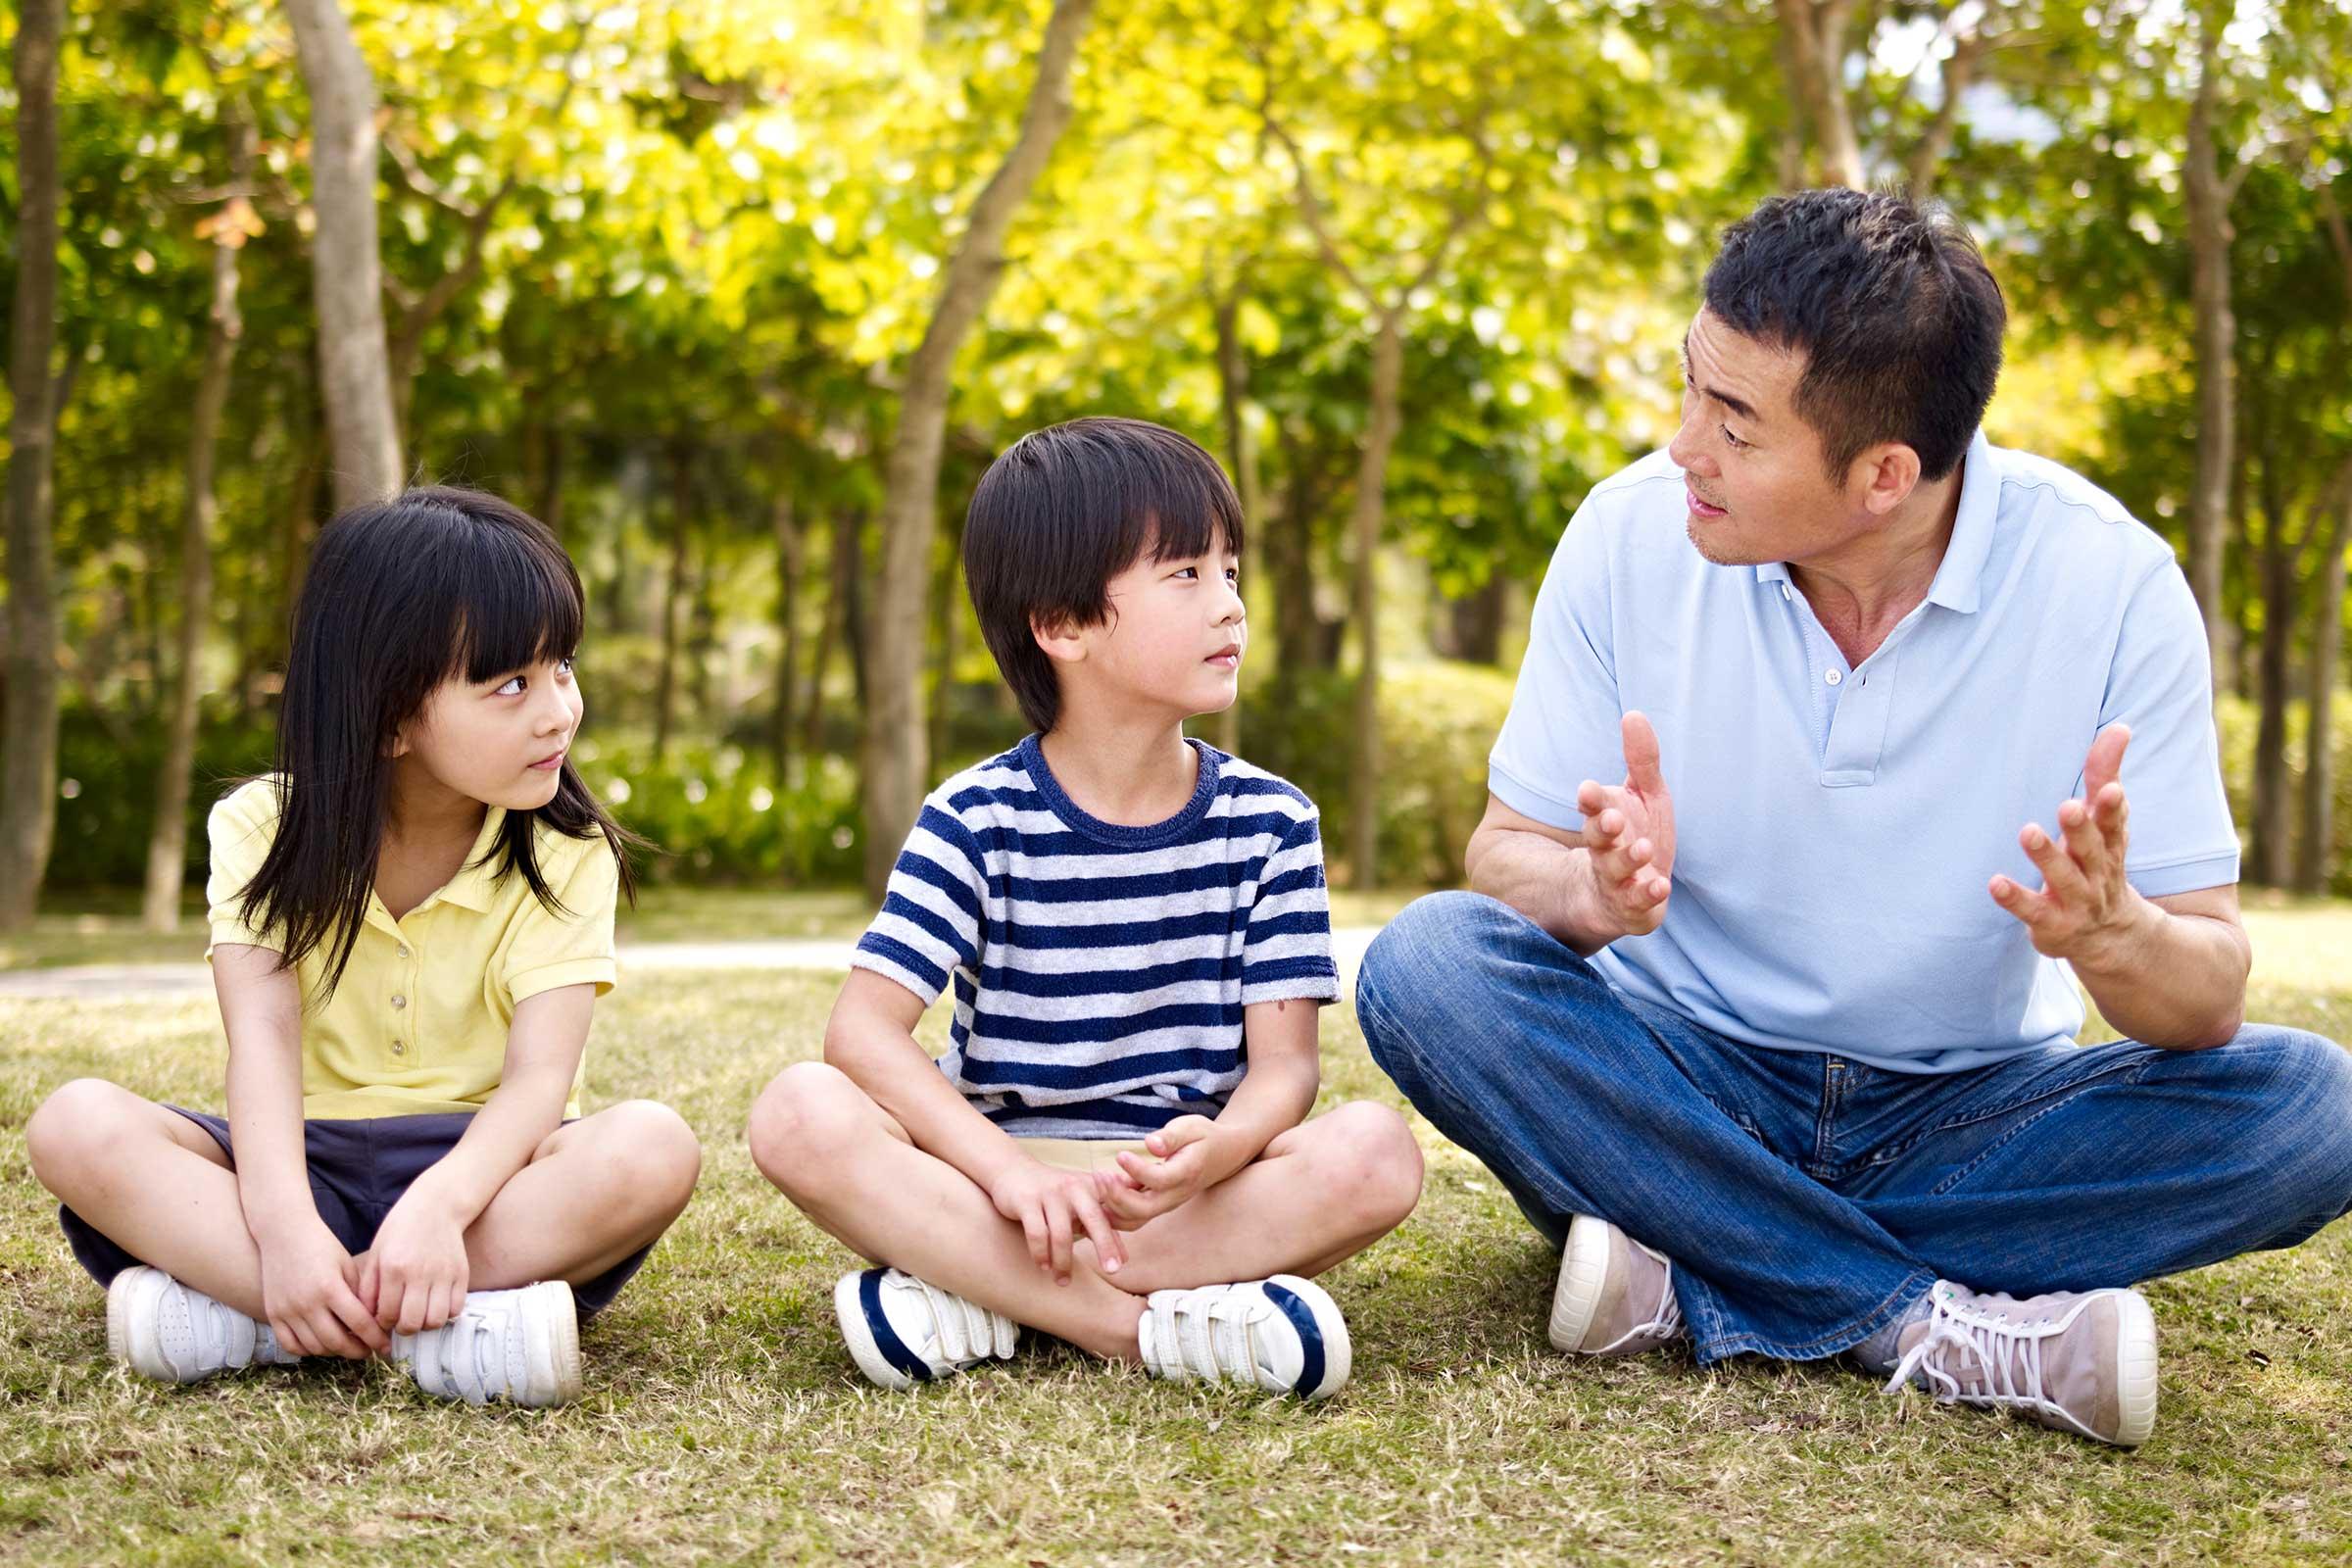 والدین کی بچوں کیساتھ دوستی کیوں ضروری ہے؟